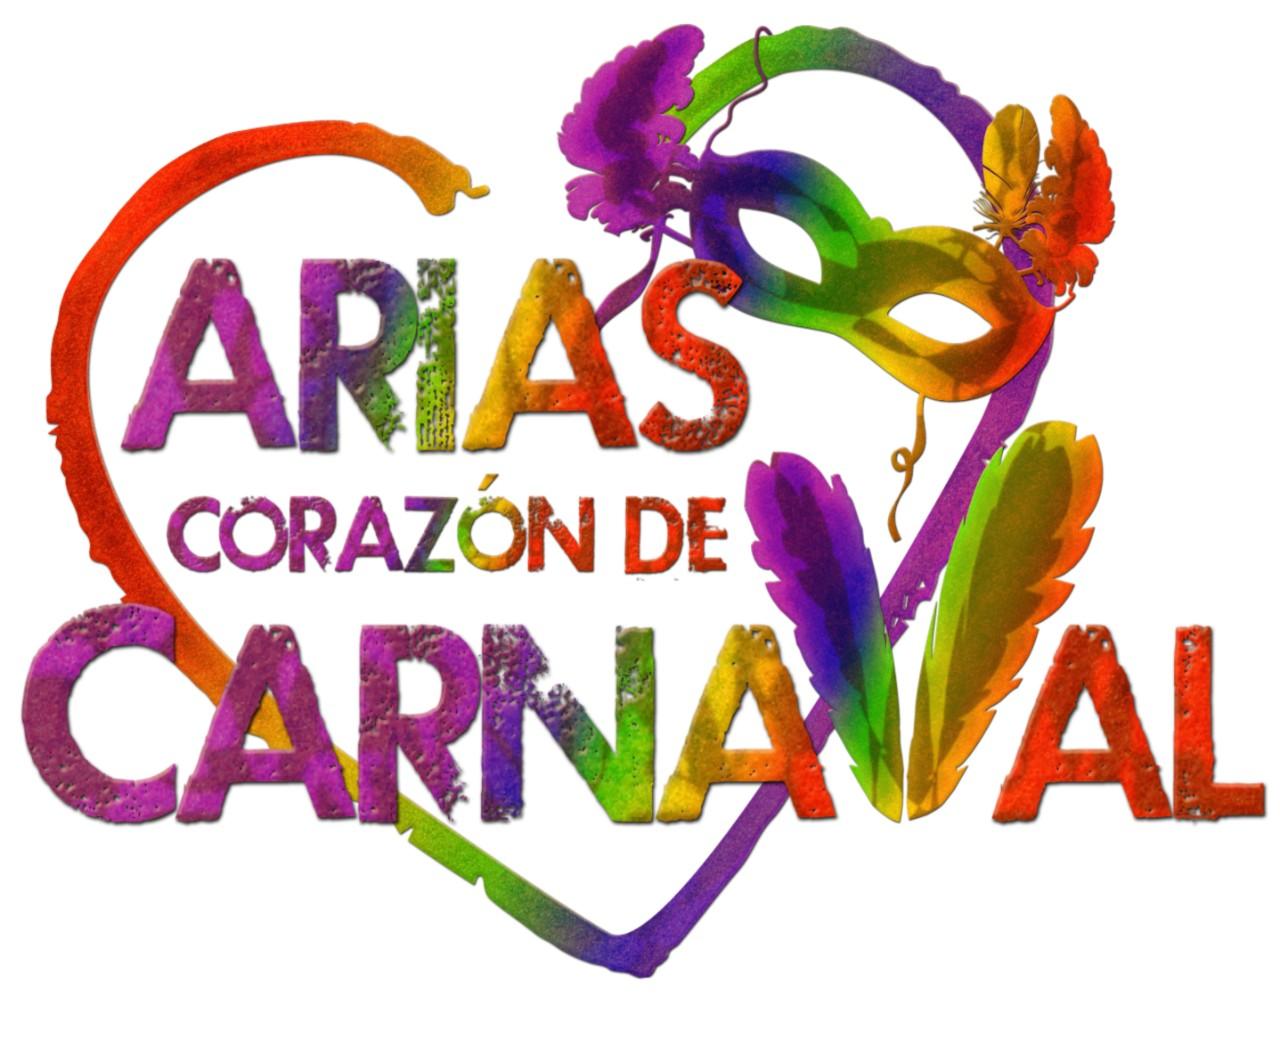 Arias festeja los carnavales representando a México